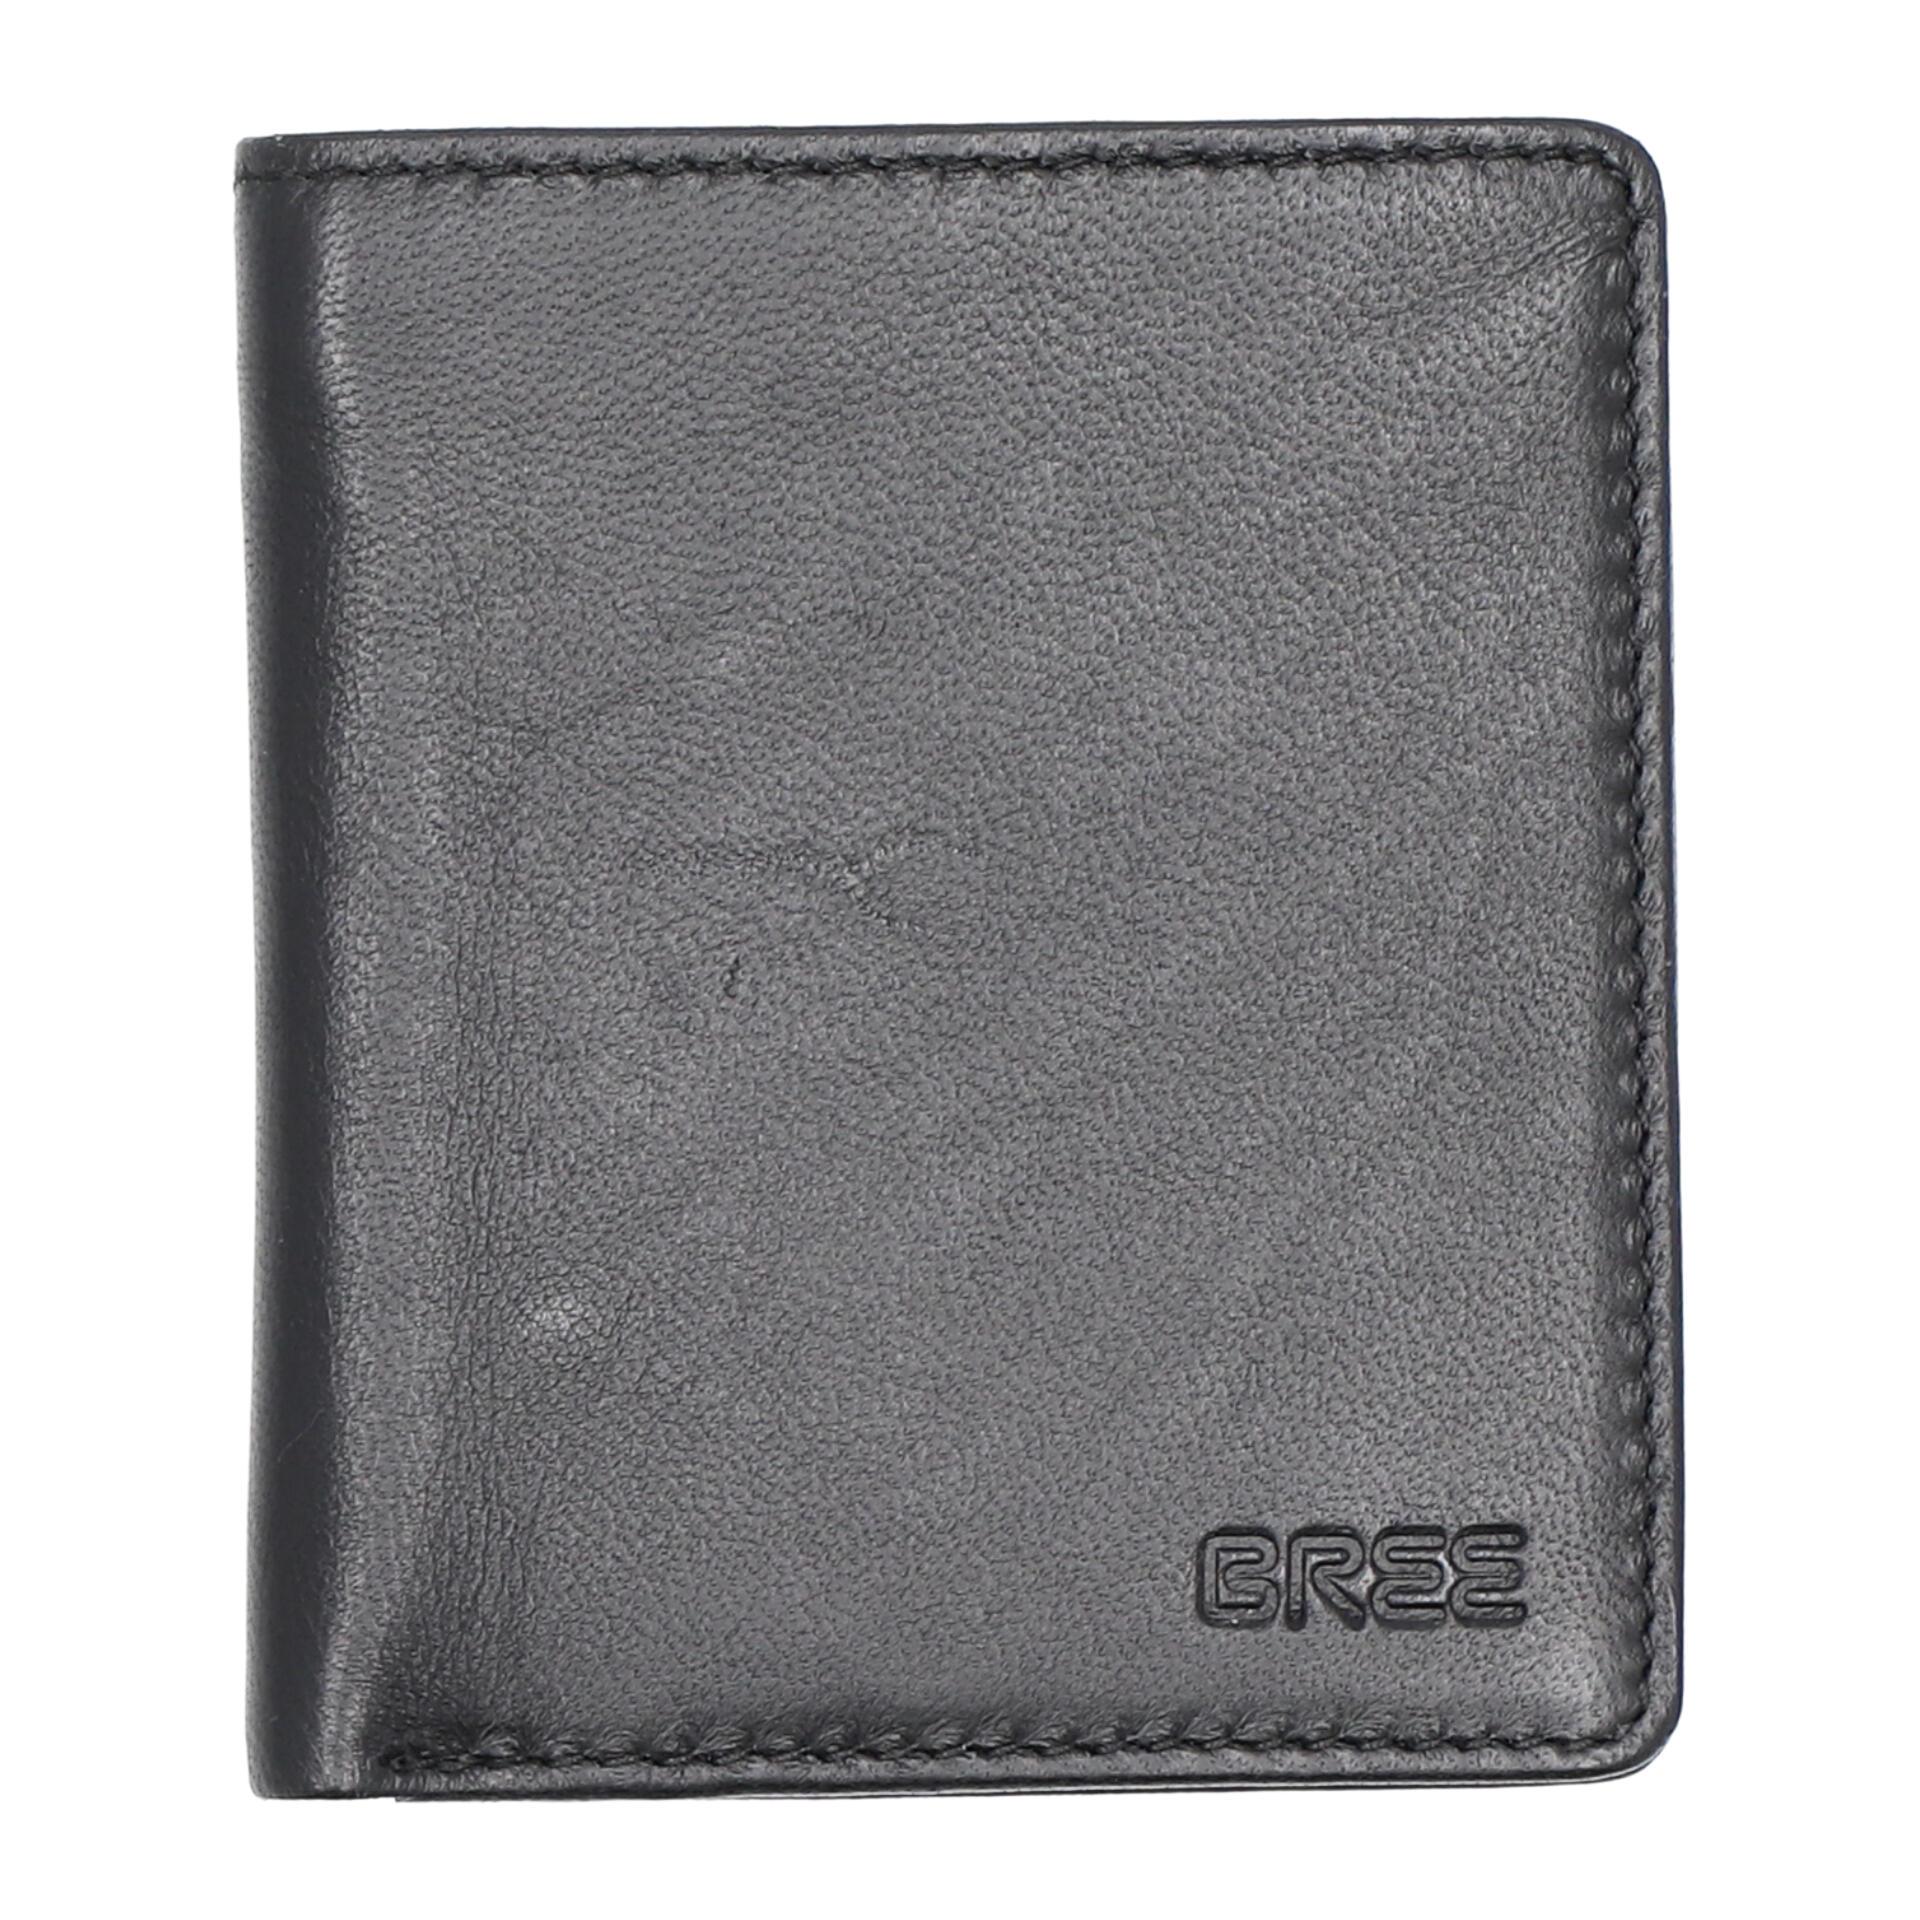 Bree Pocket 103 Geldbörse black